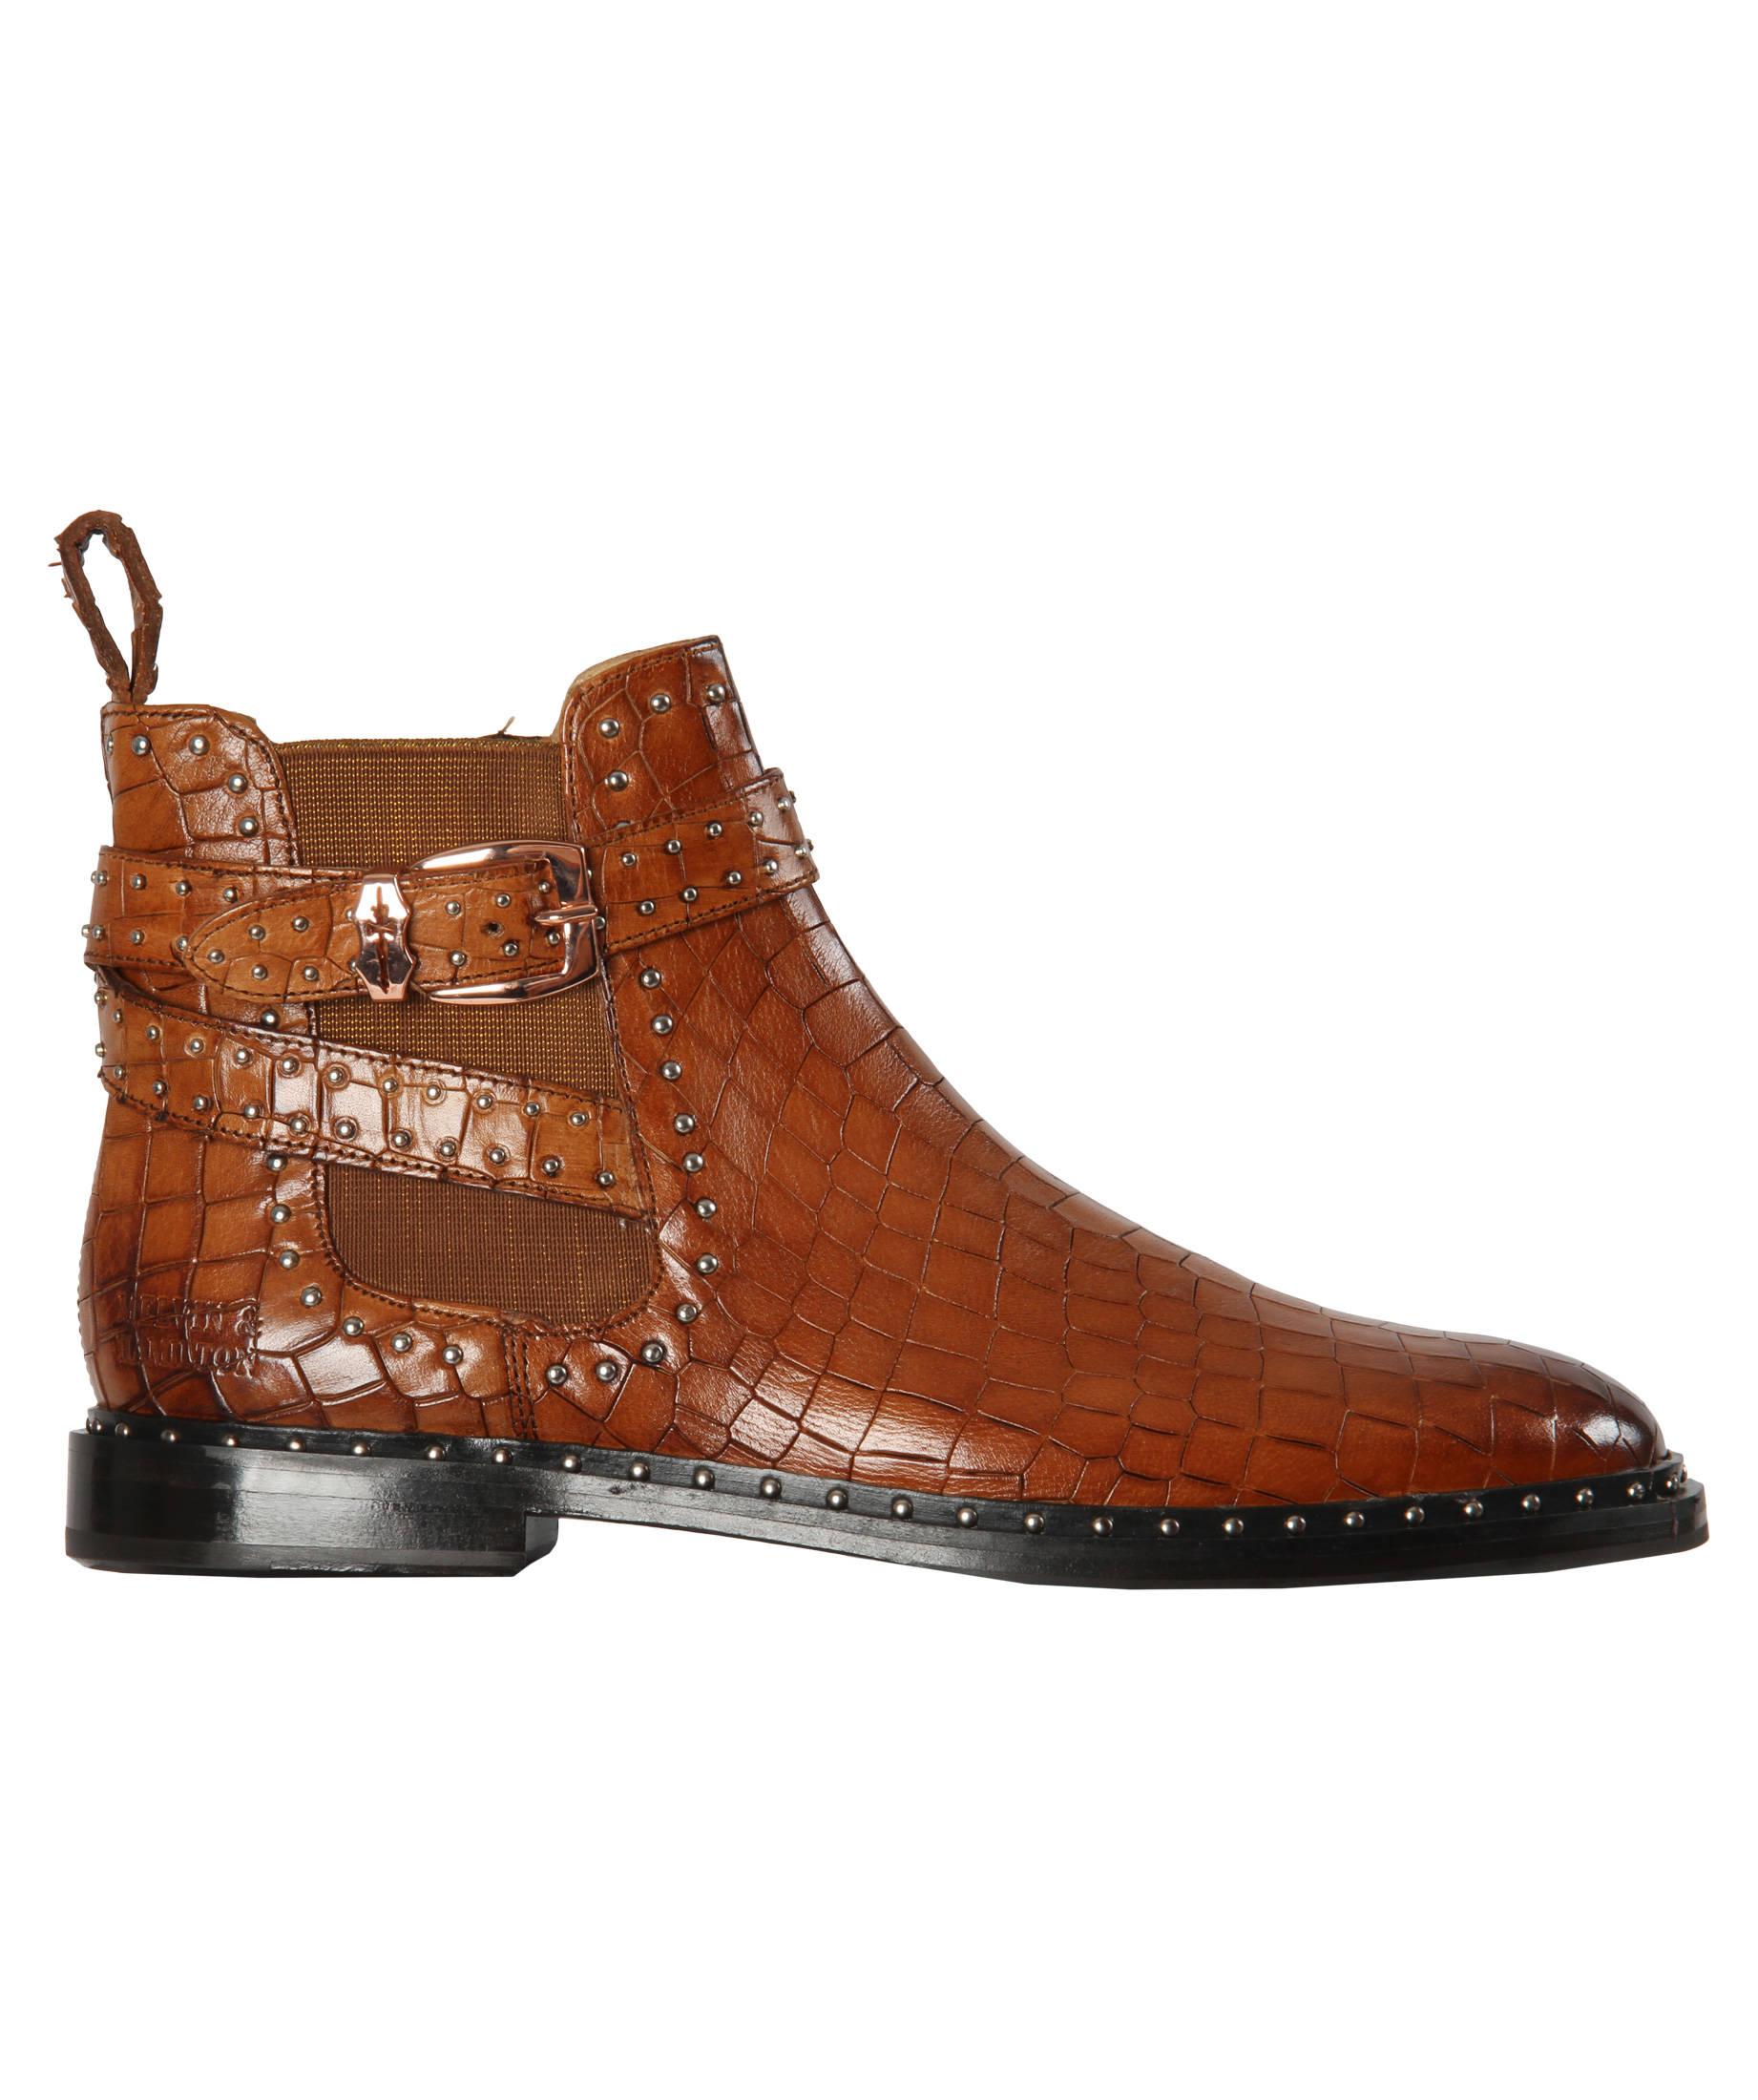 Suchergebnis auf für: Jona Schuhe: Schuhe